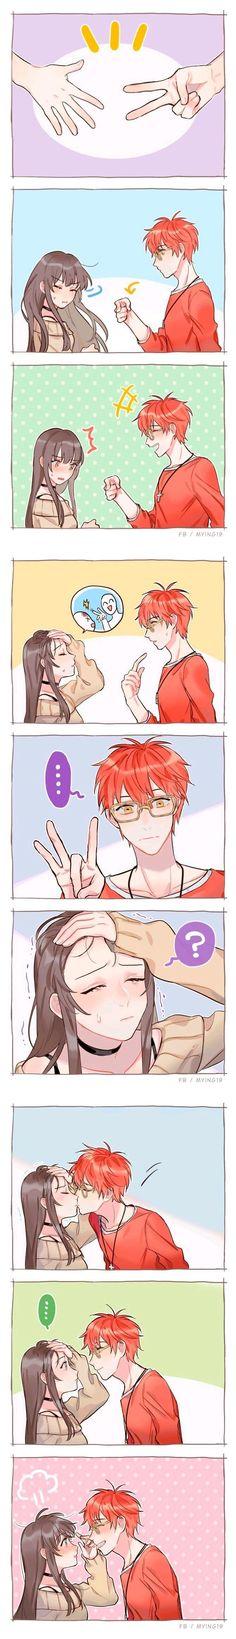 20 Ideas Memes Anime Manga Life For 2019 Anime Love Couple, Manga Couple, Anime Couples Manga, Anime Guys, Manga Anime, Anime Couples Cuddling, Anime Amor, Anime Lindo, Cute Couple Comics